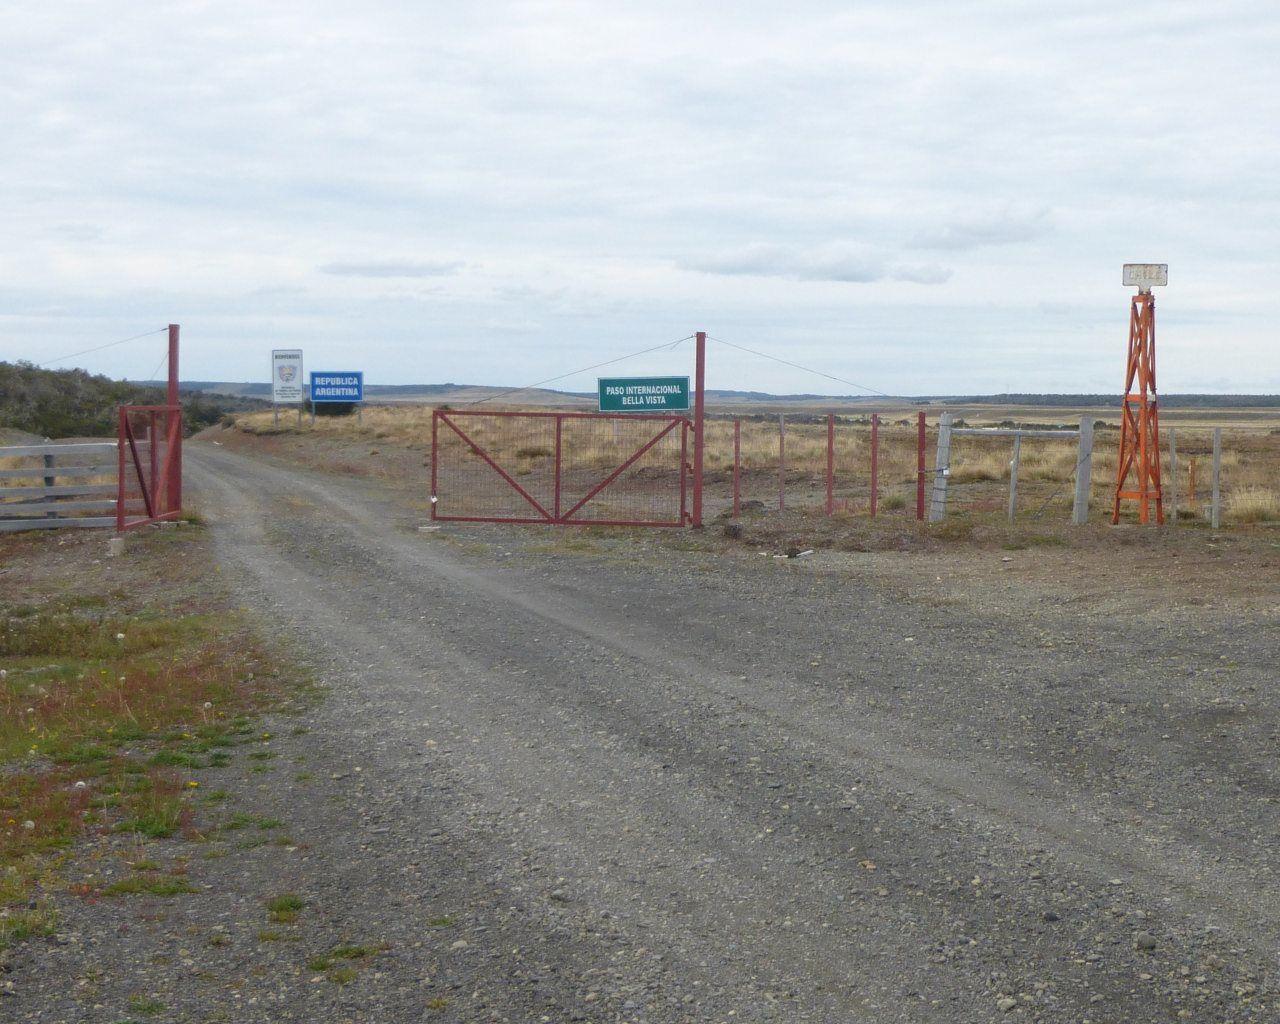 Heureusement le portail de la frontière était ouvert !